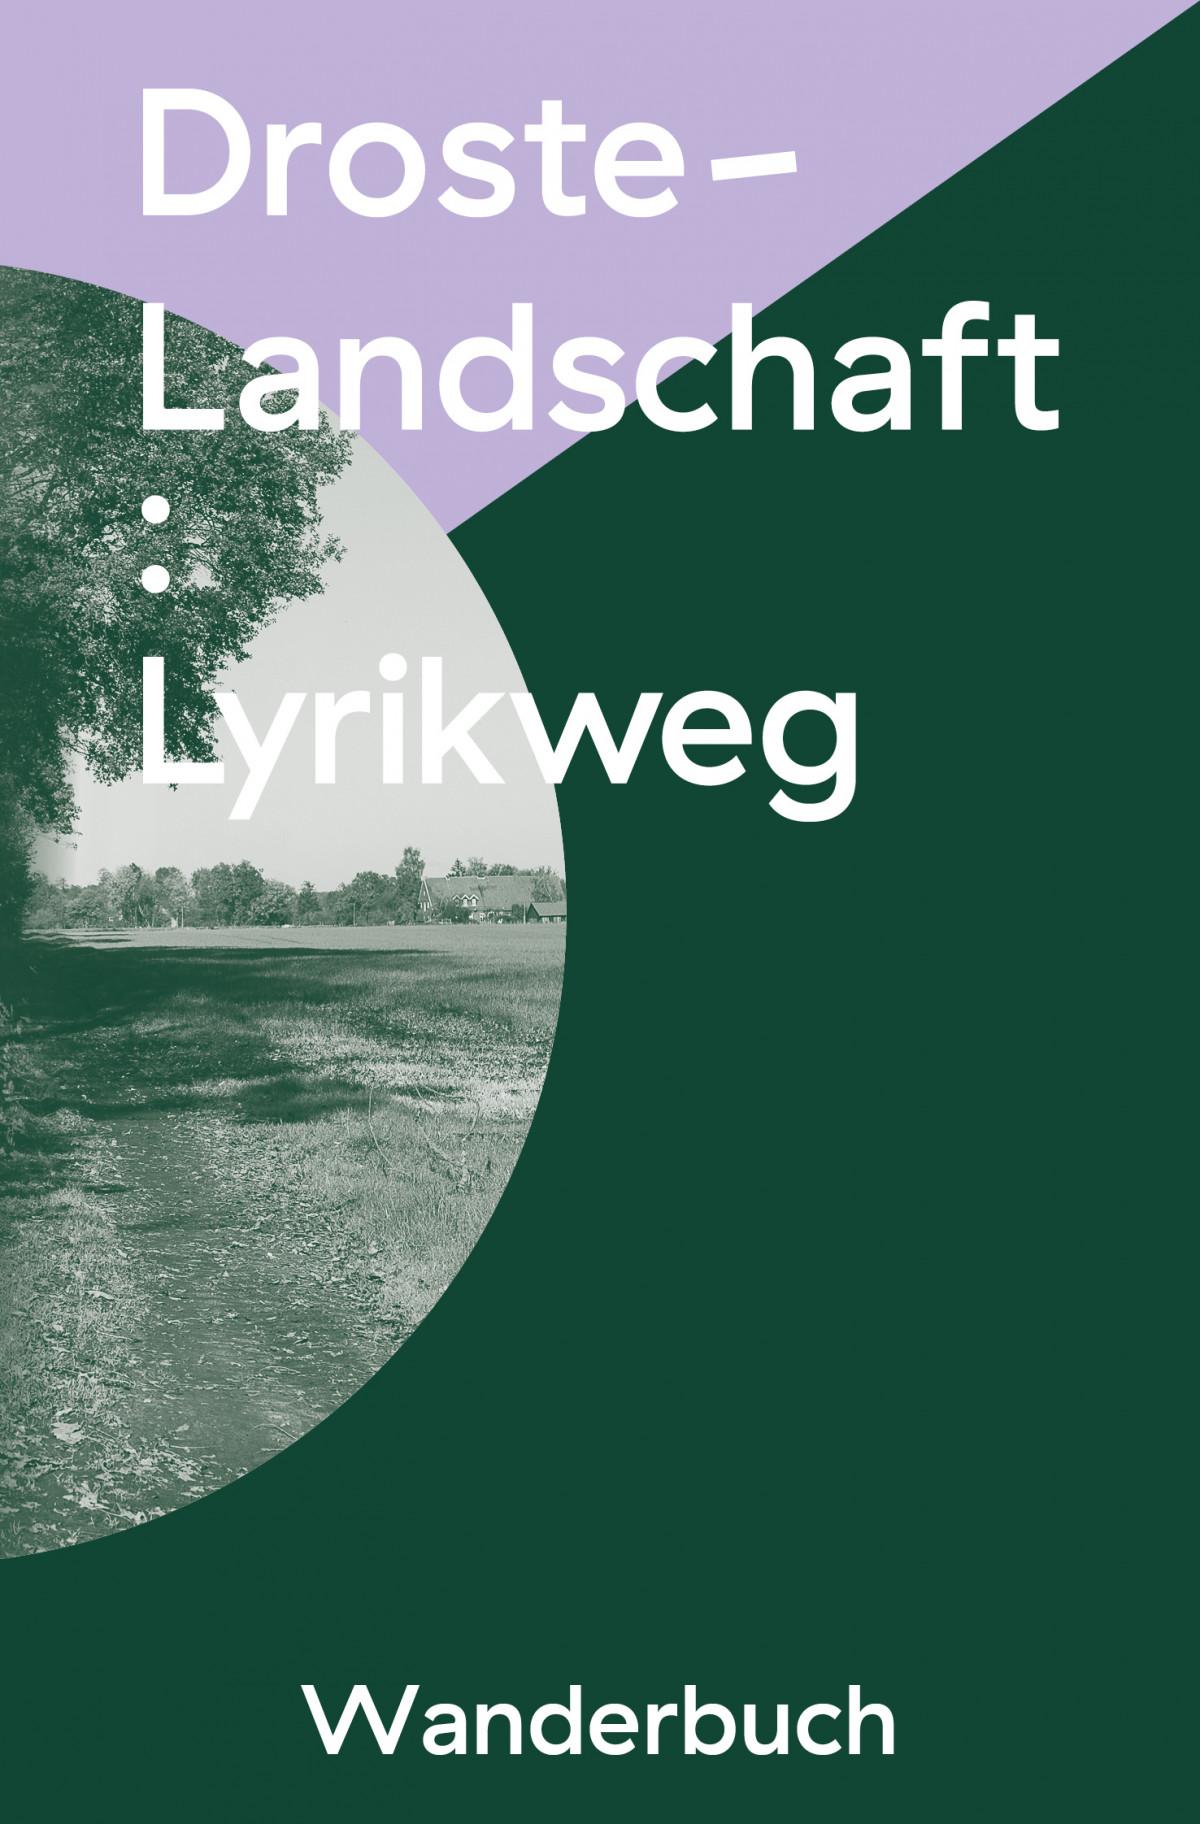 Cover des Wanderbuches zu *Droste-Landschaft : Lyrikweg*